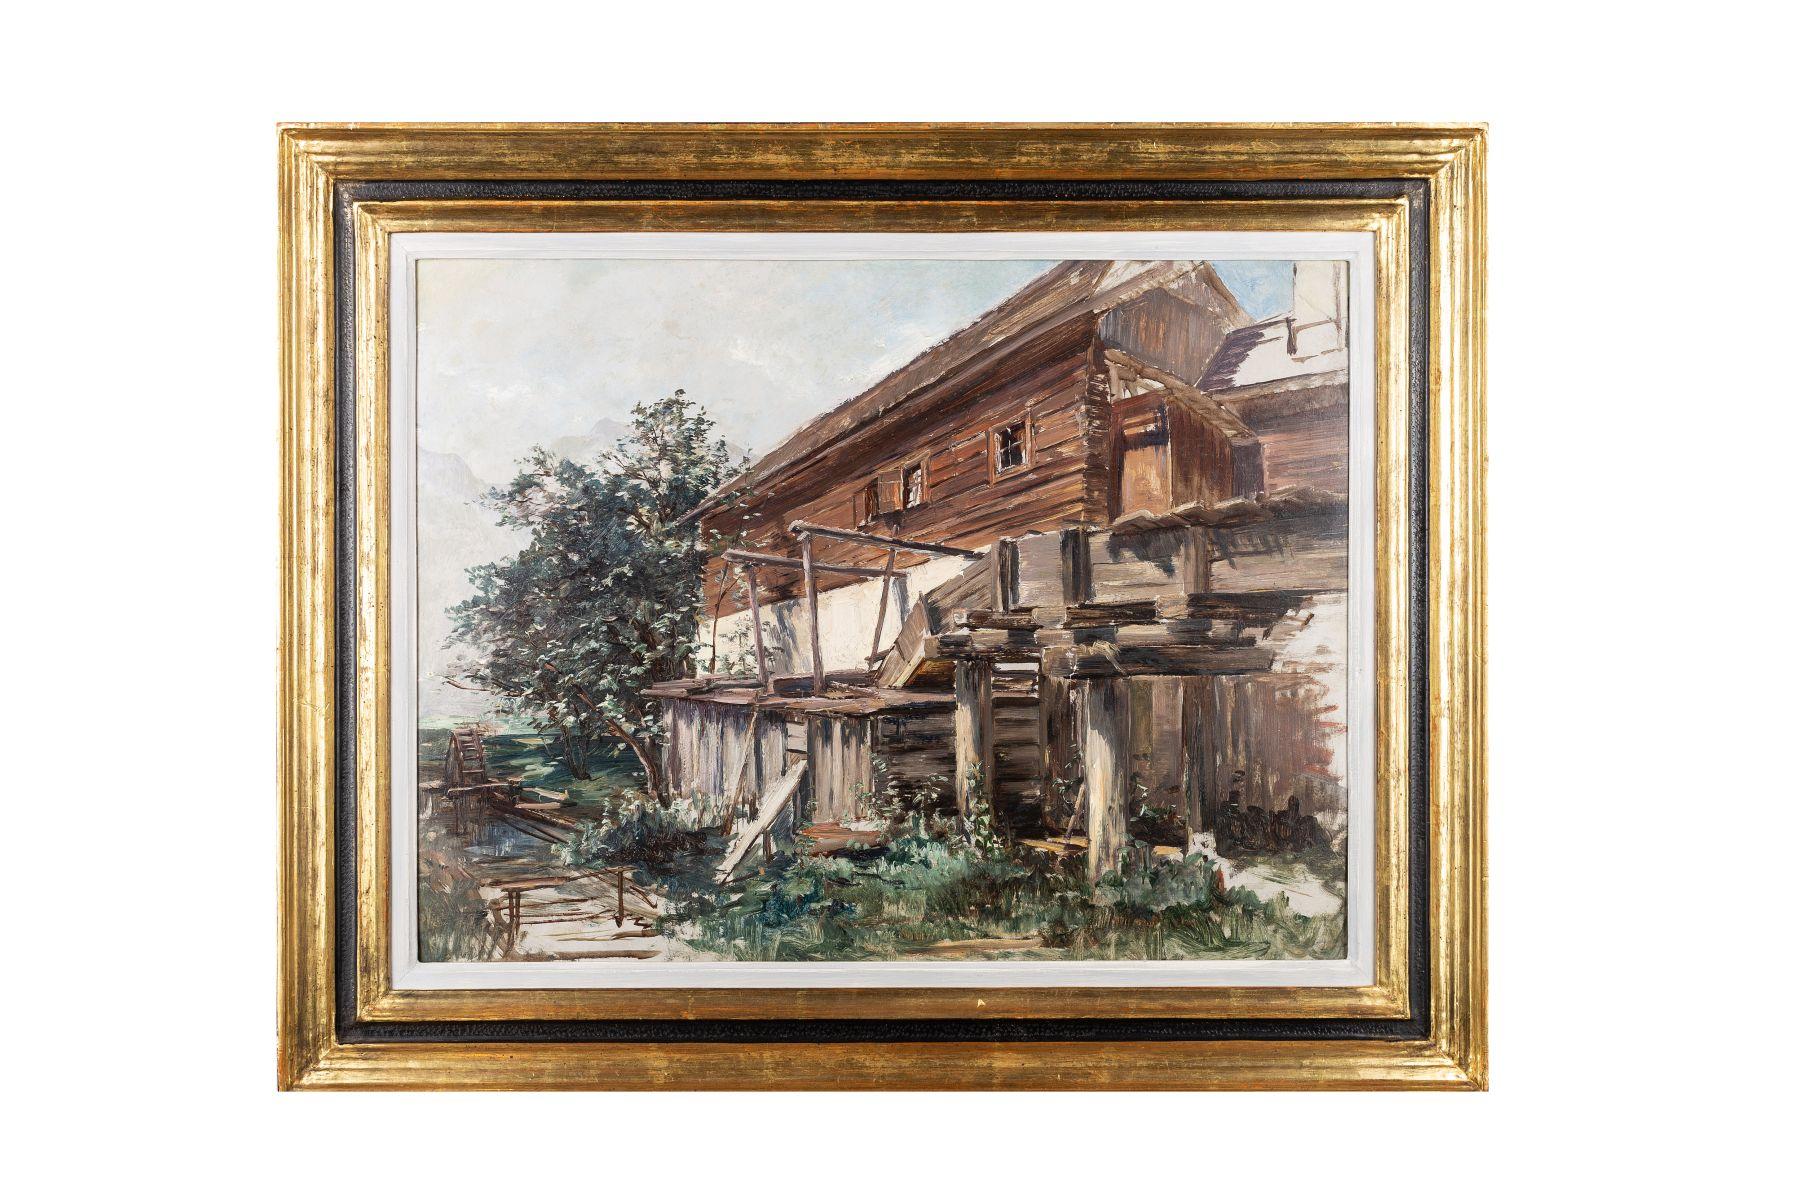 #35 Carl Kaiser-Herbst, Image